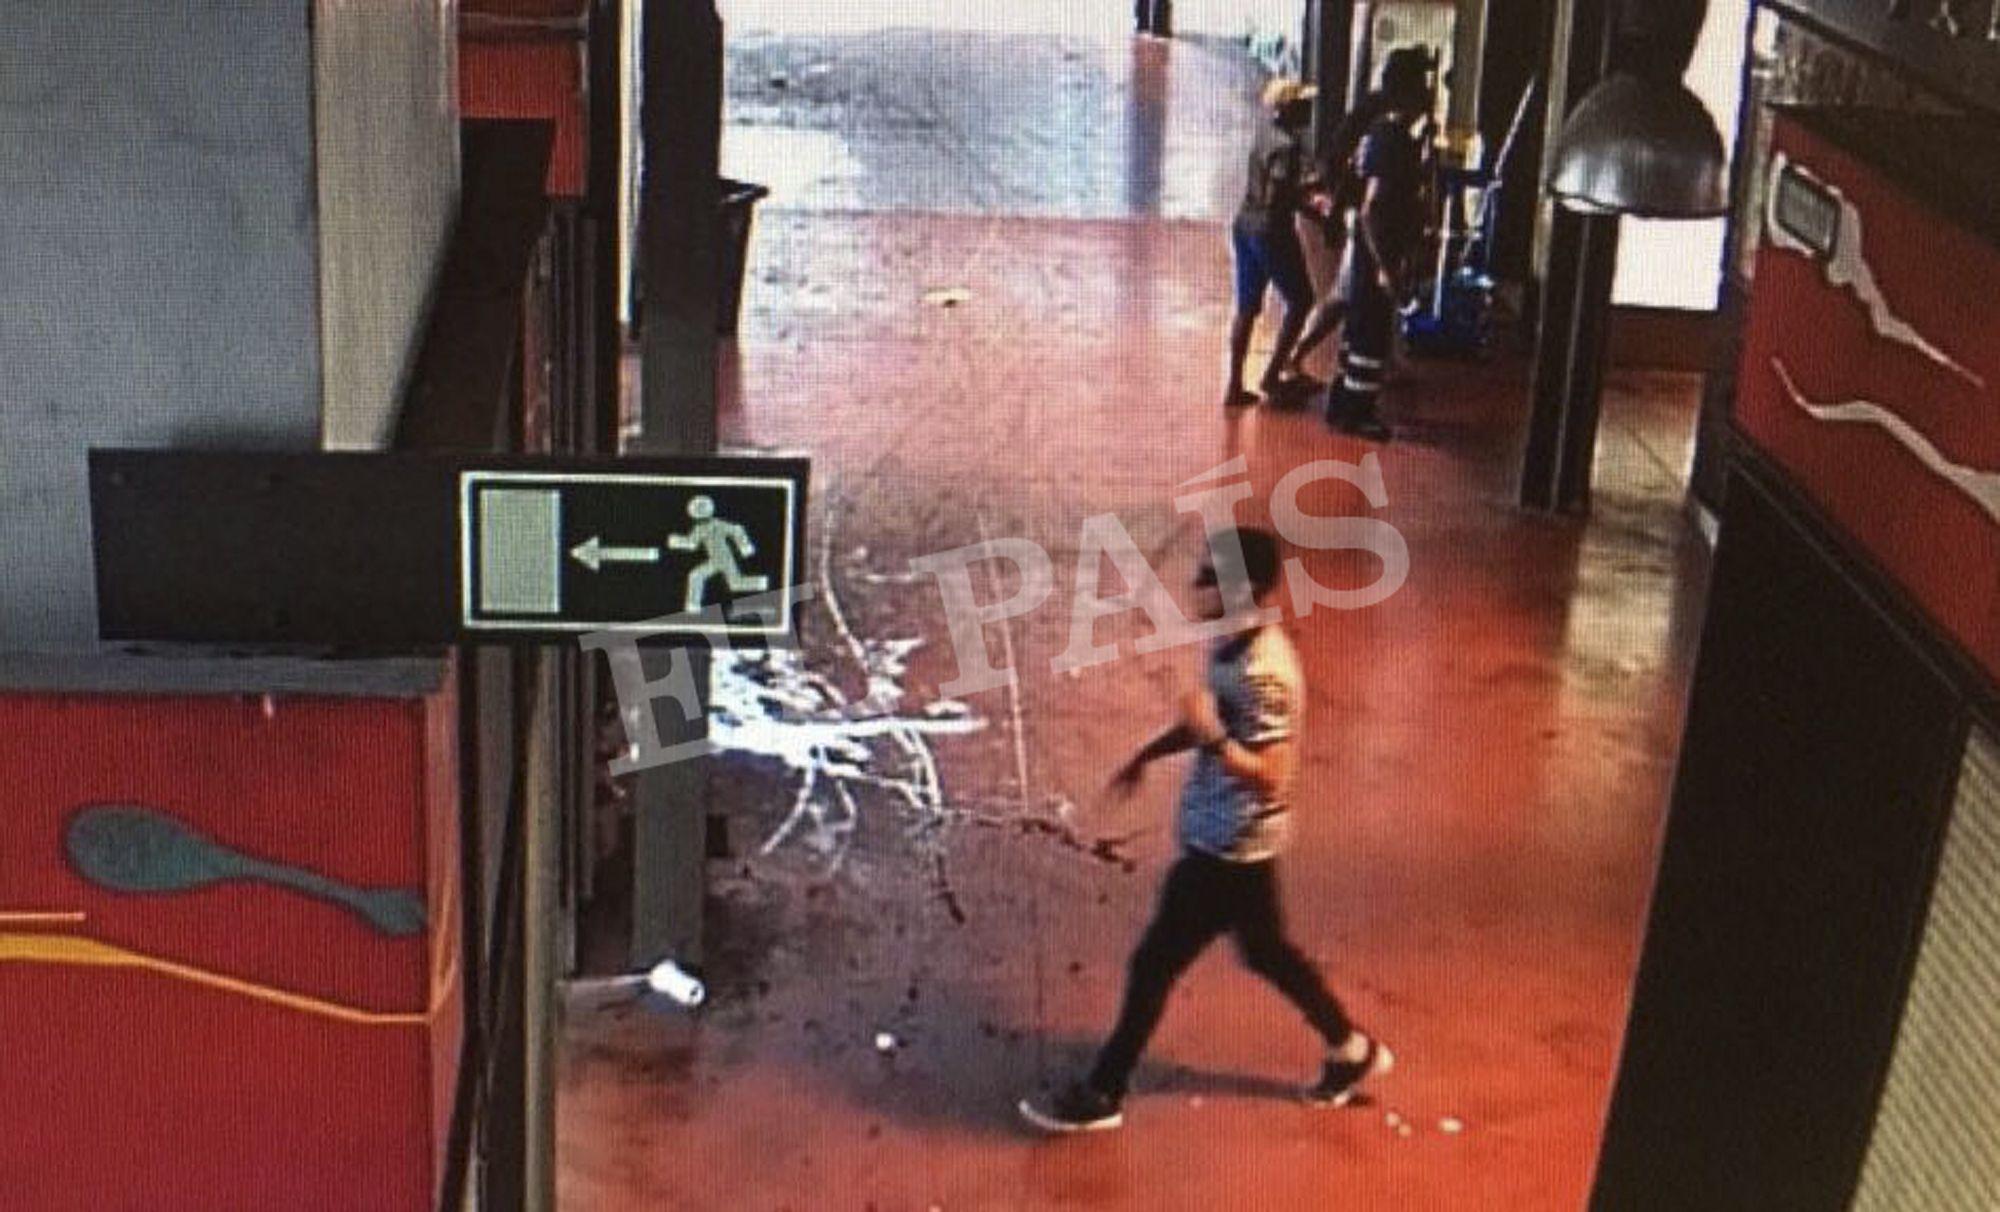 Barcelone : l'auteur de l'attentat tué dans une opération de police